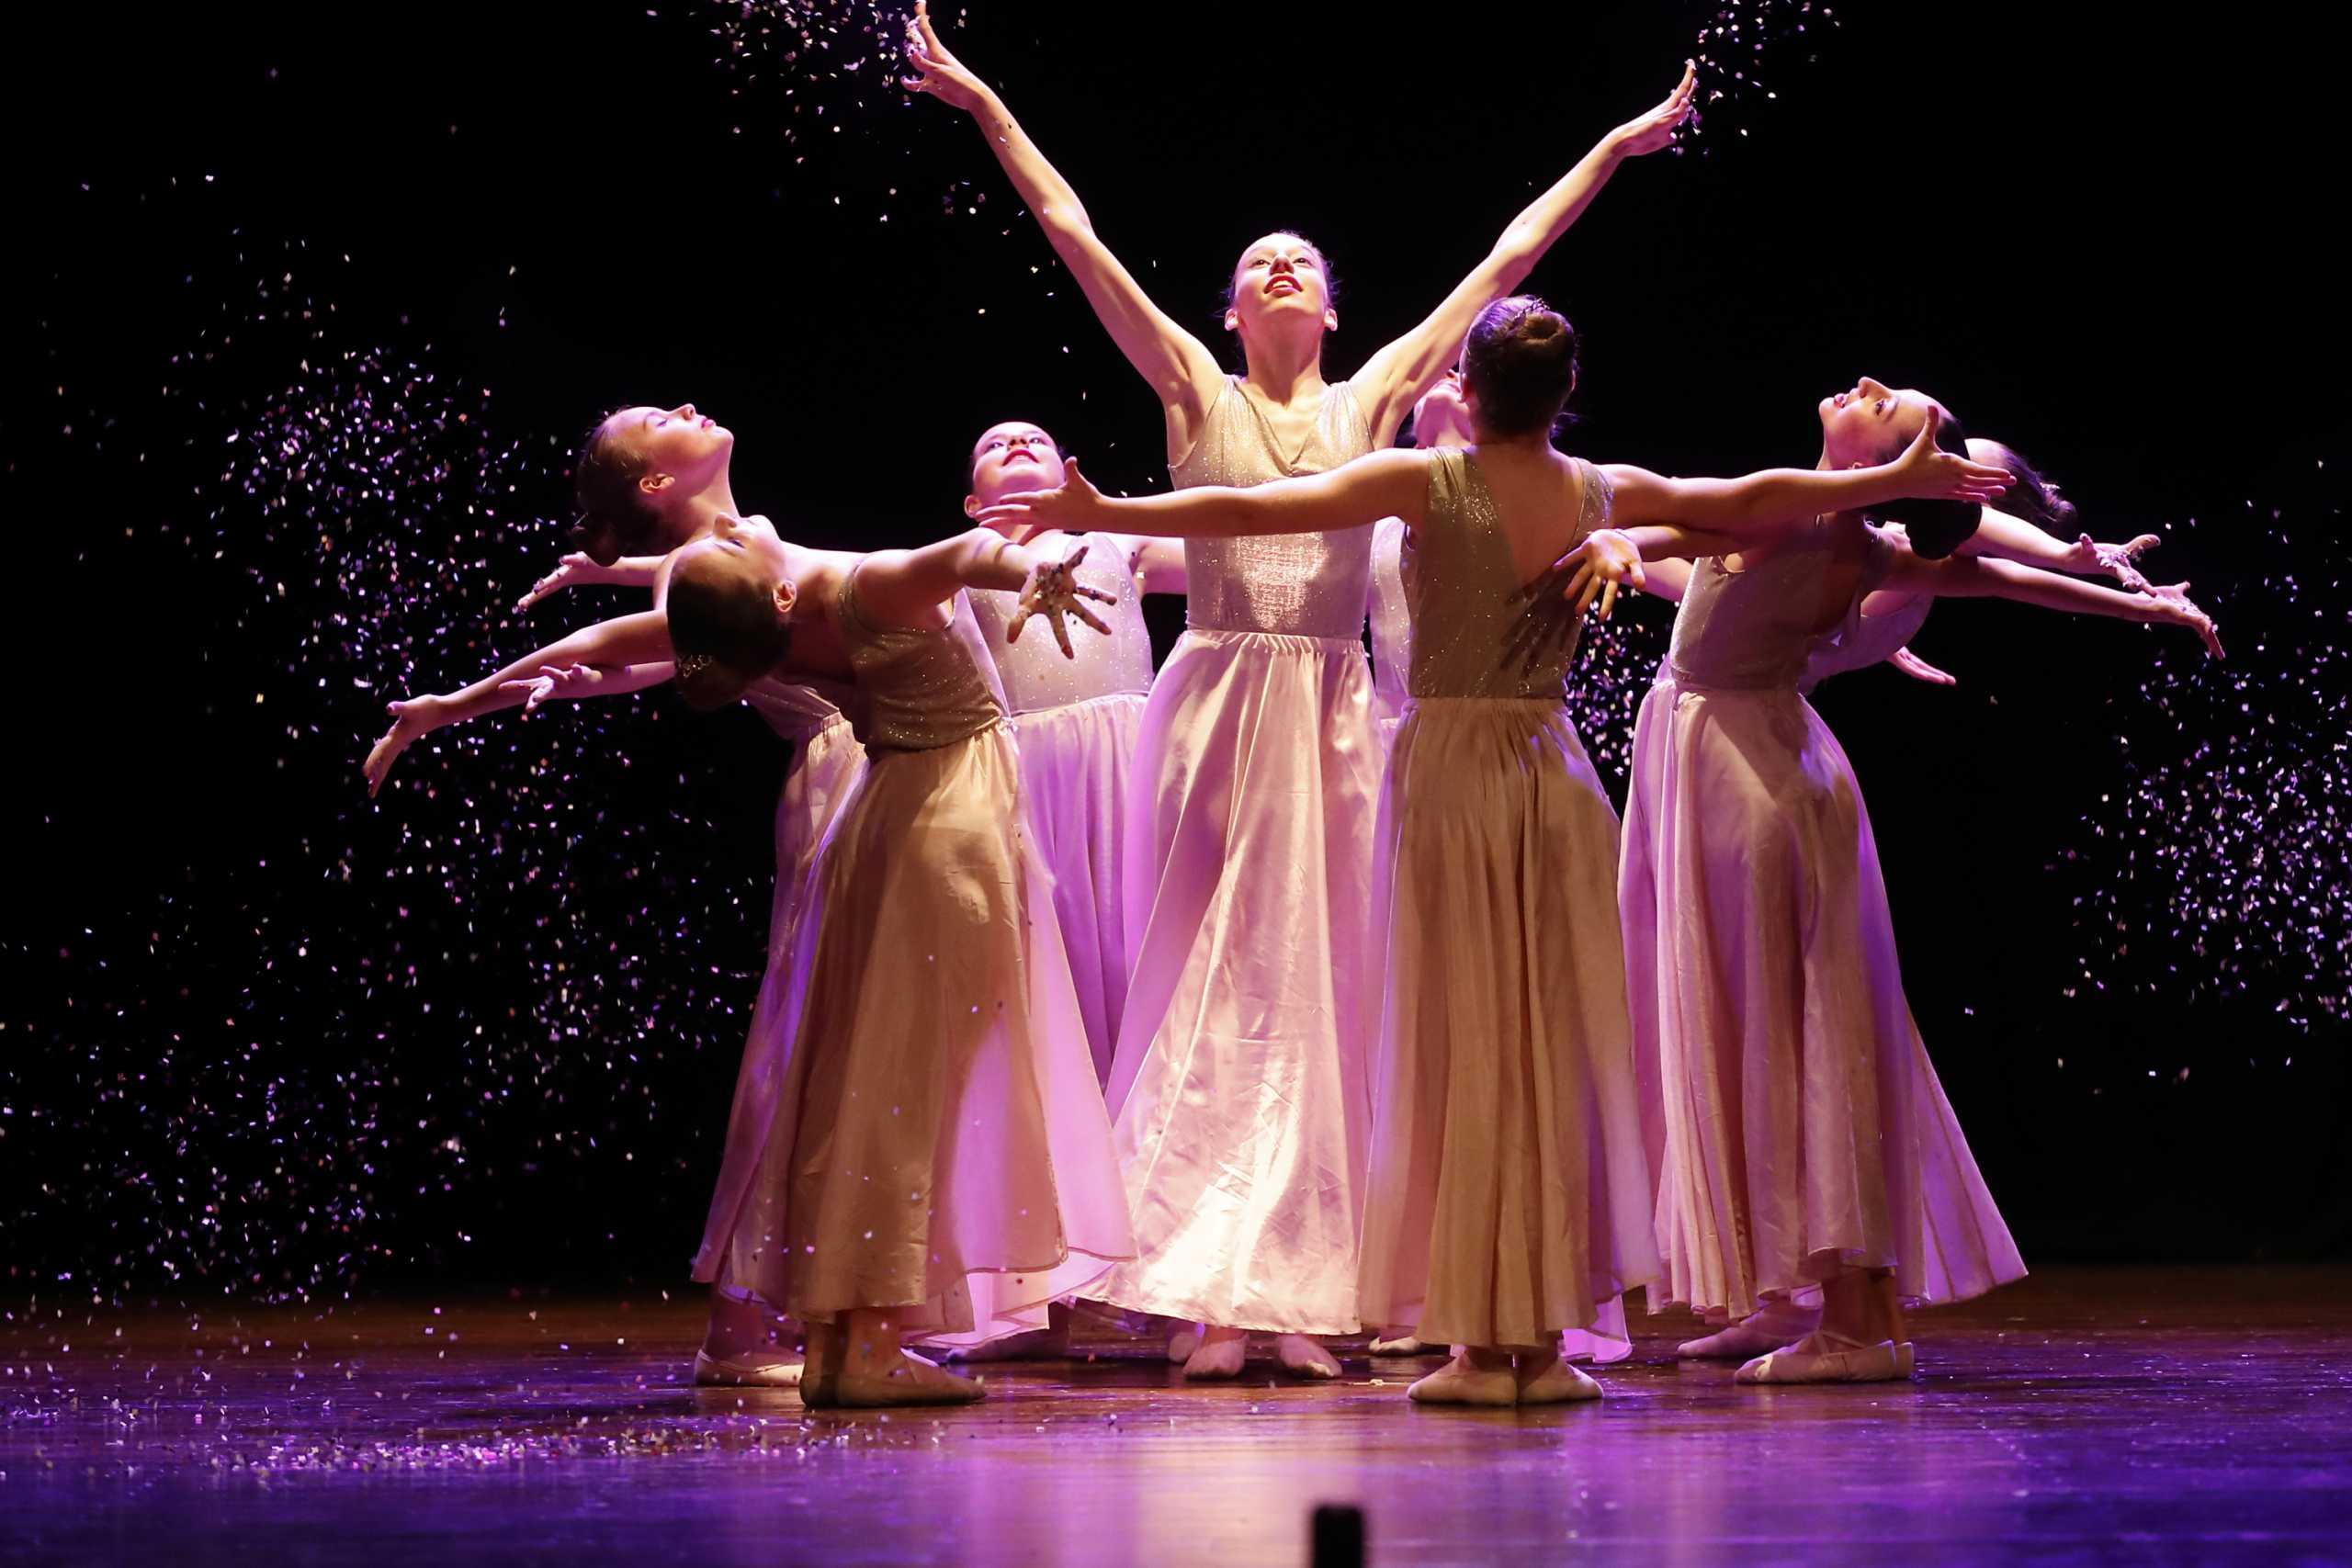 scuola di danza teatro alfieri castelnuovo berardenga